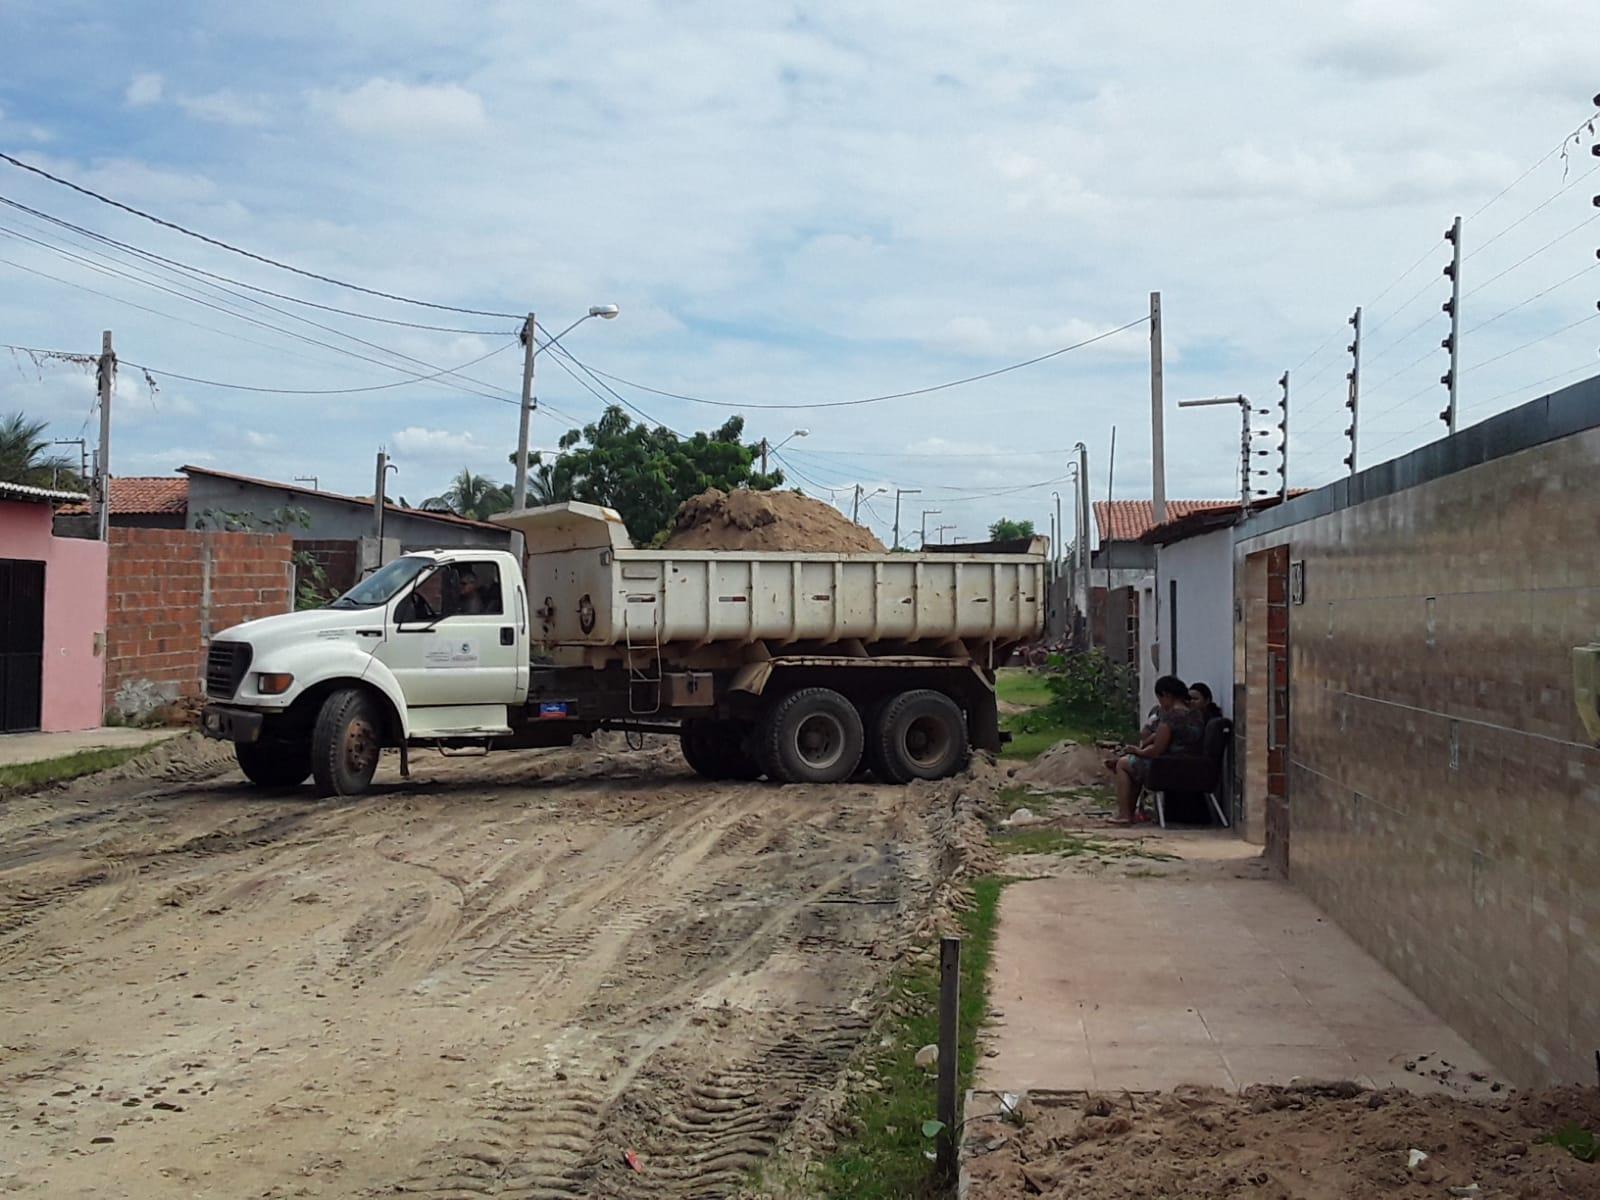 Infraestrutura melhora acesso ao Conjunto Novo e bairros vizinhos